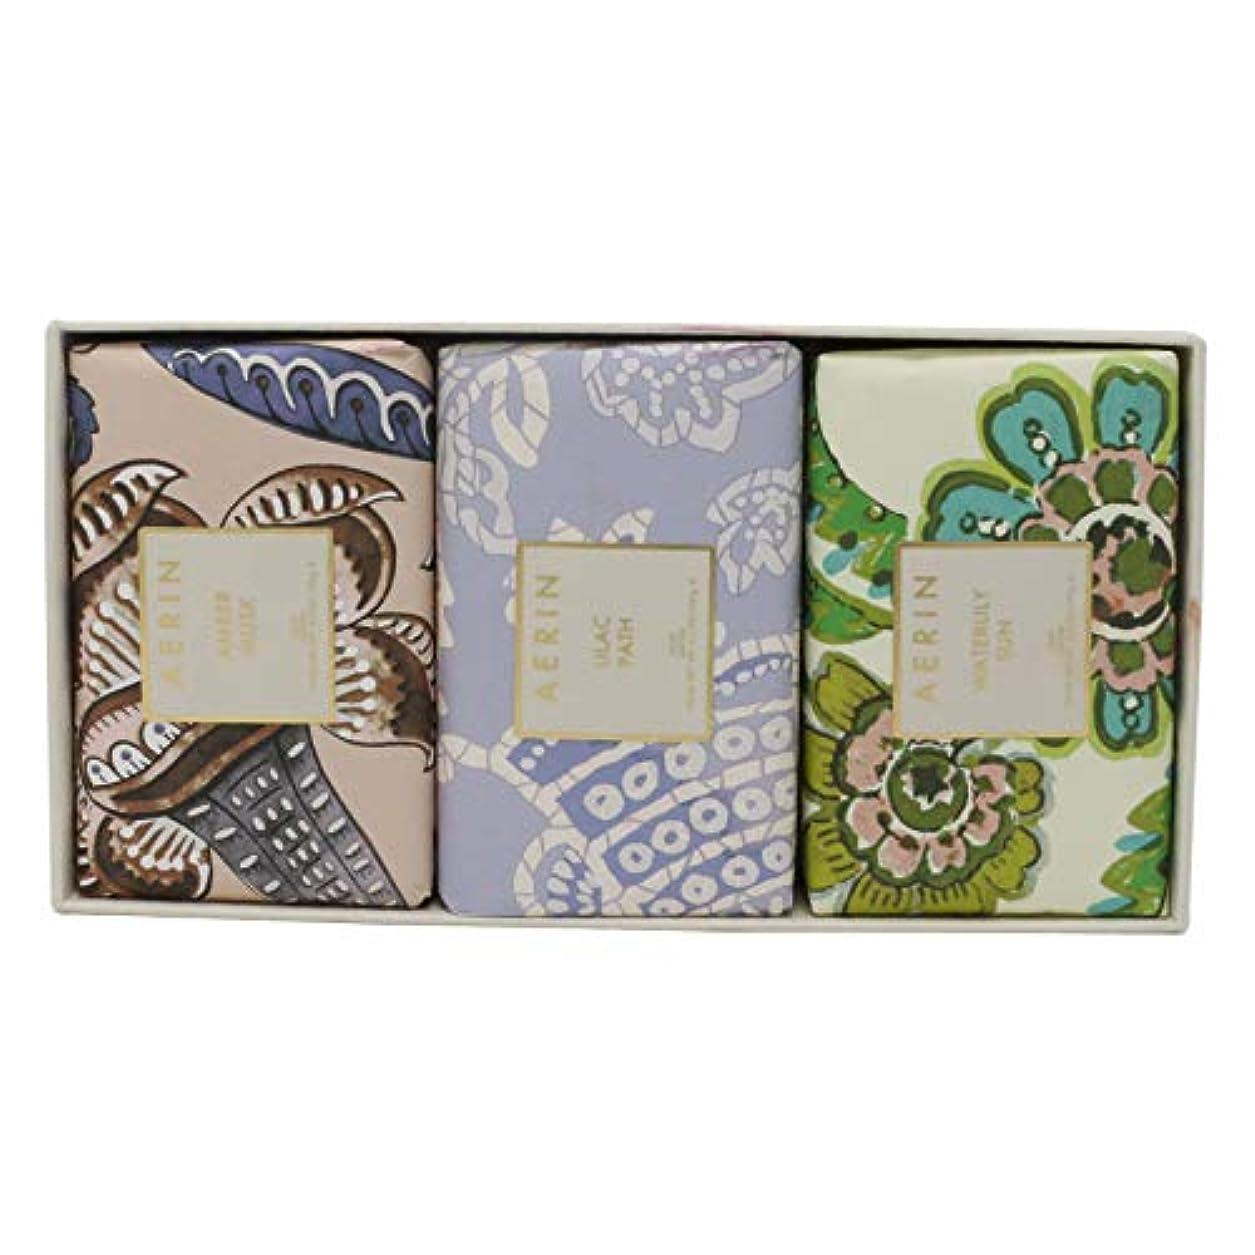 リラックスした受信改善するAERIN Beauty Soap Coffret(アエリン ビューティー ソープ コフレット ) 6.2 oz (186ml) Soap 固形石鹸 x 3個セットby Estee Lauder